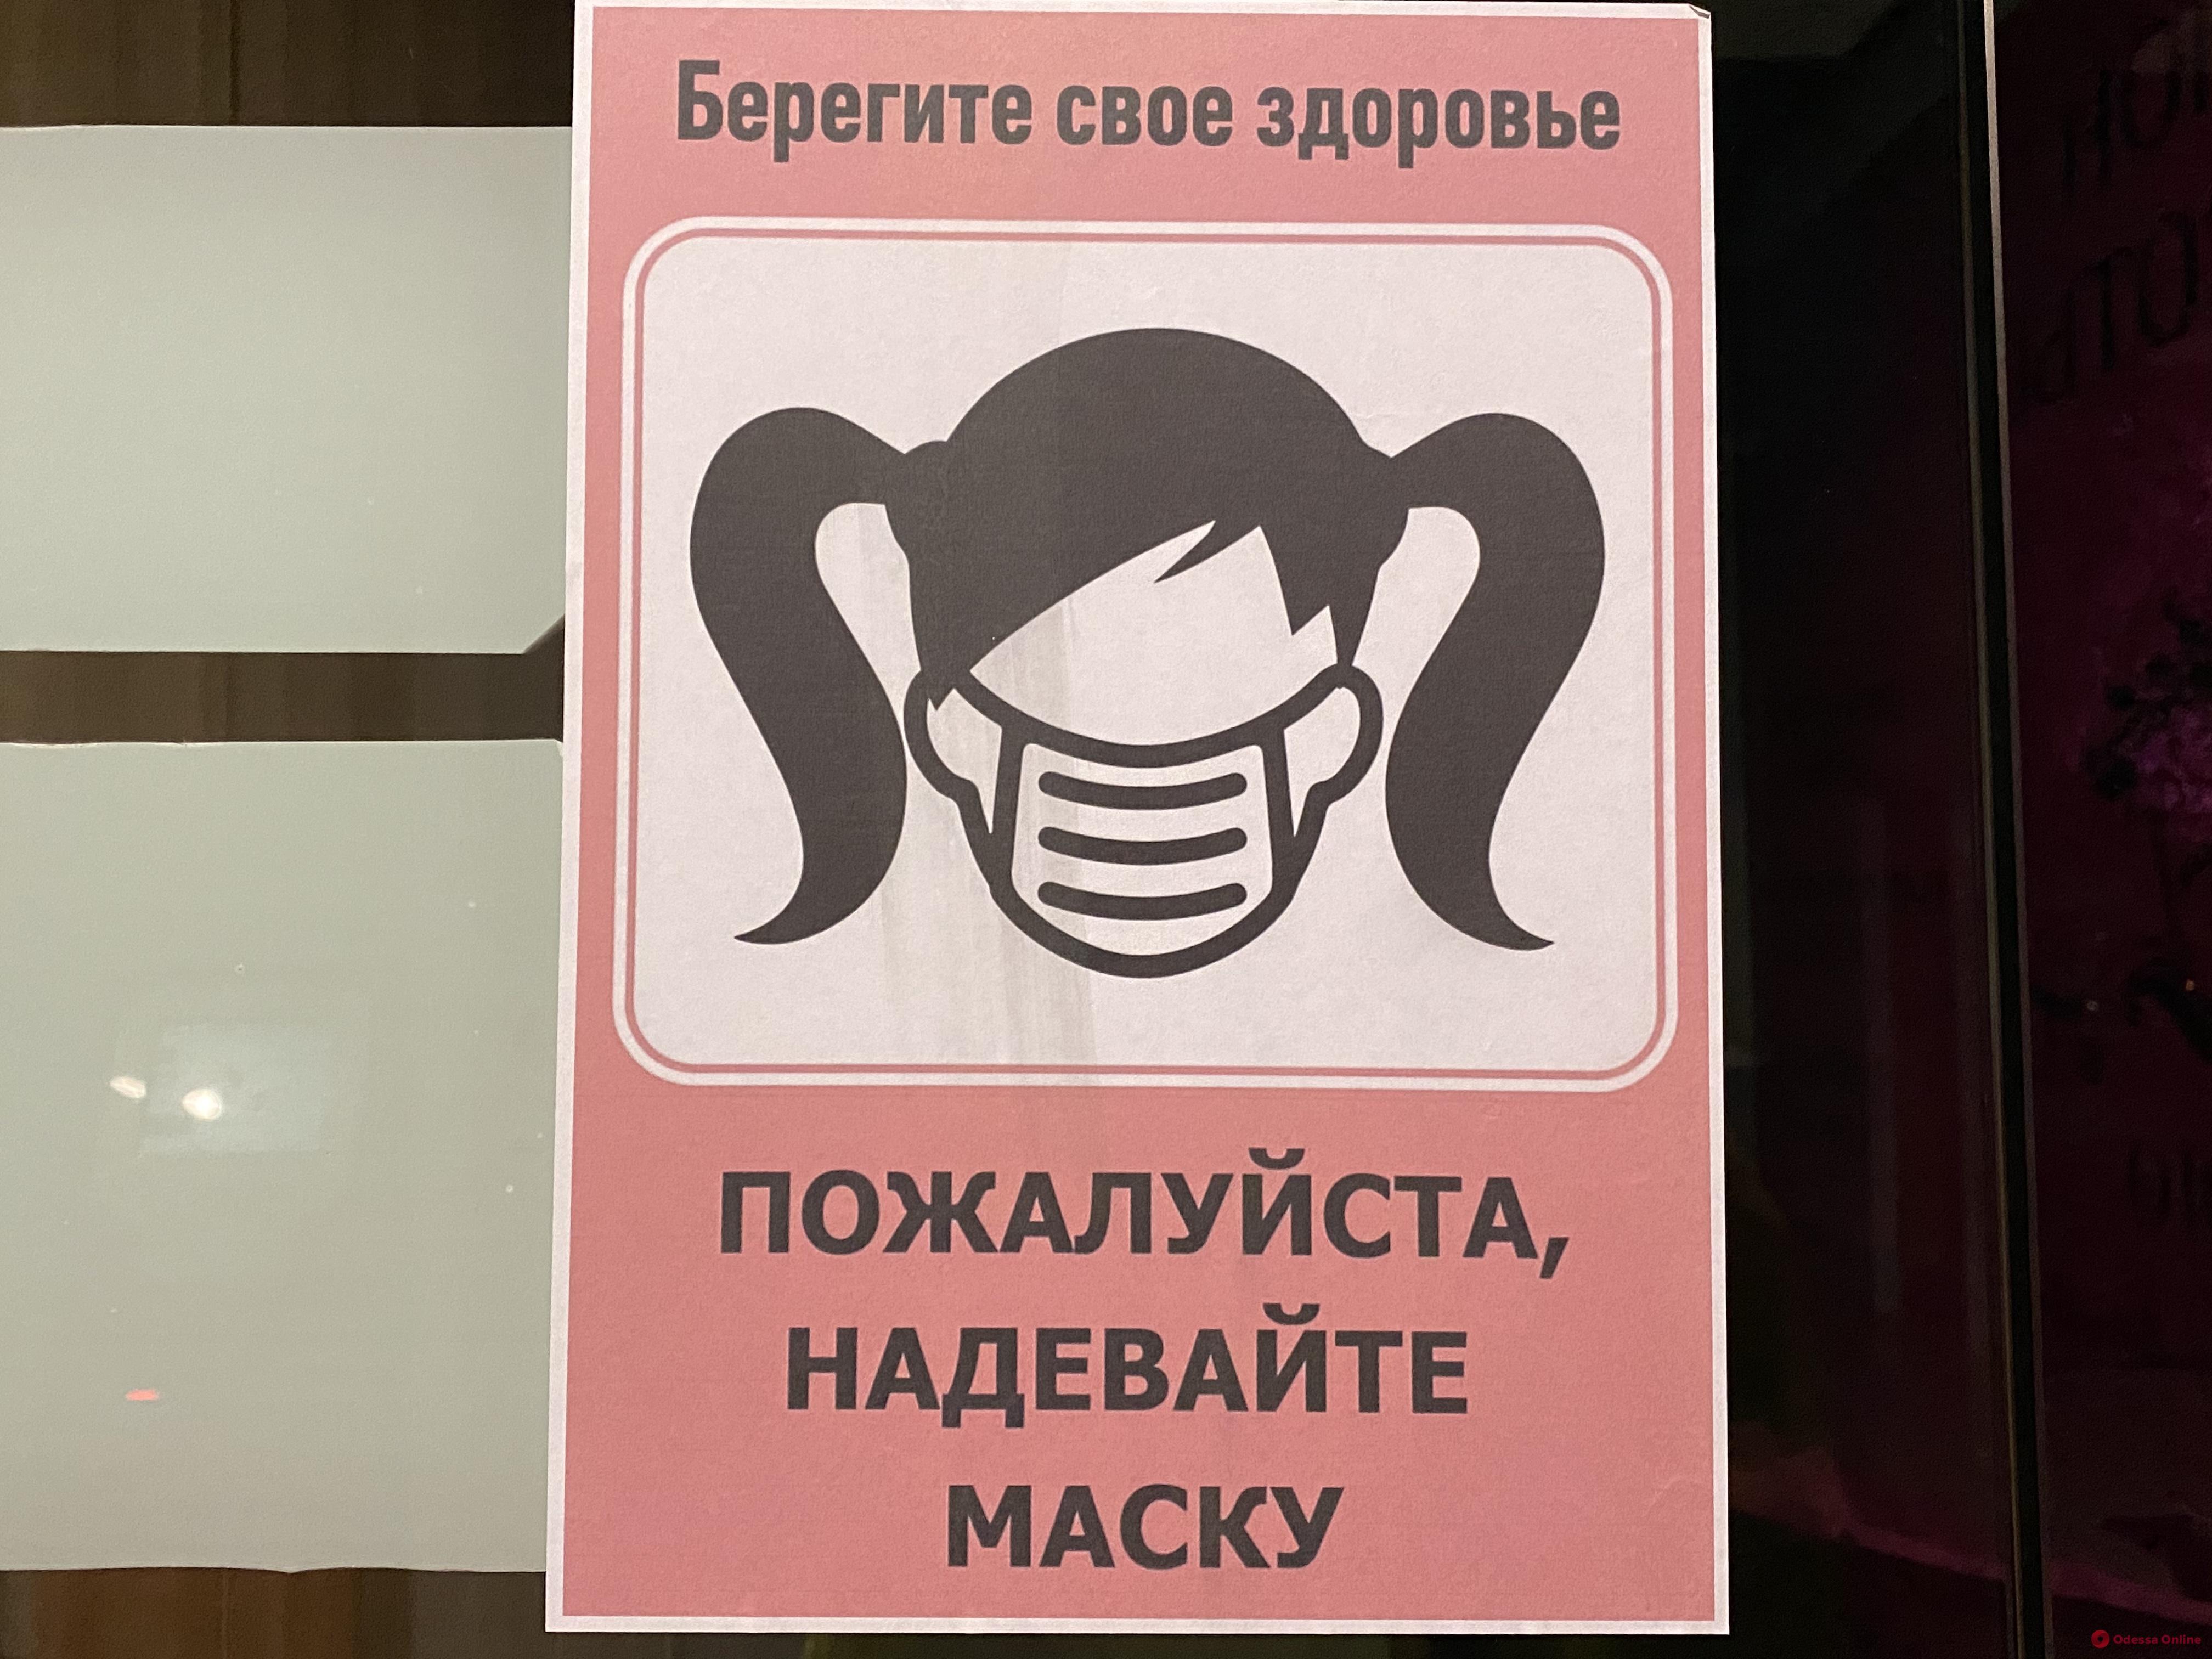 Штрафовать за отсутствие маски на улице будут только злостных нарушителей – МВД